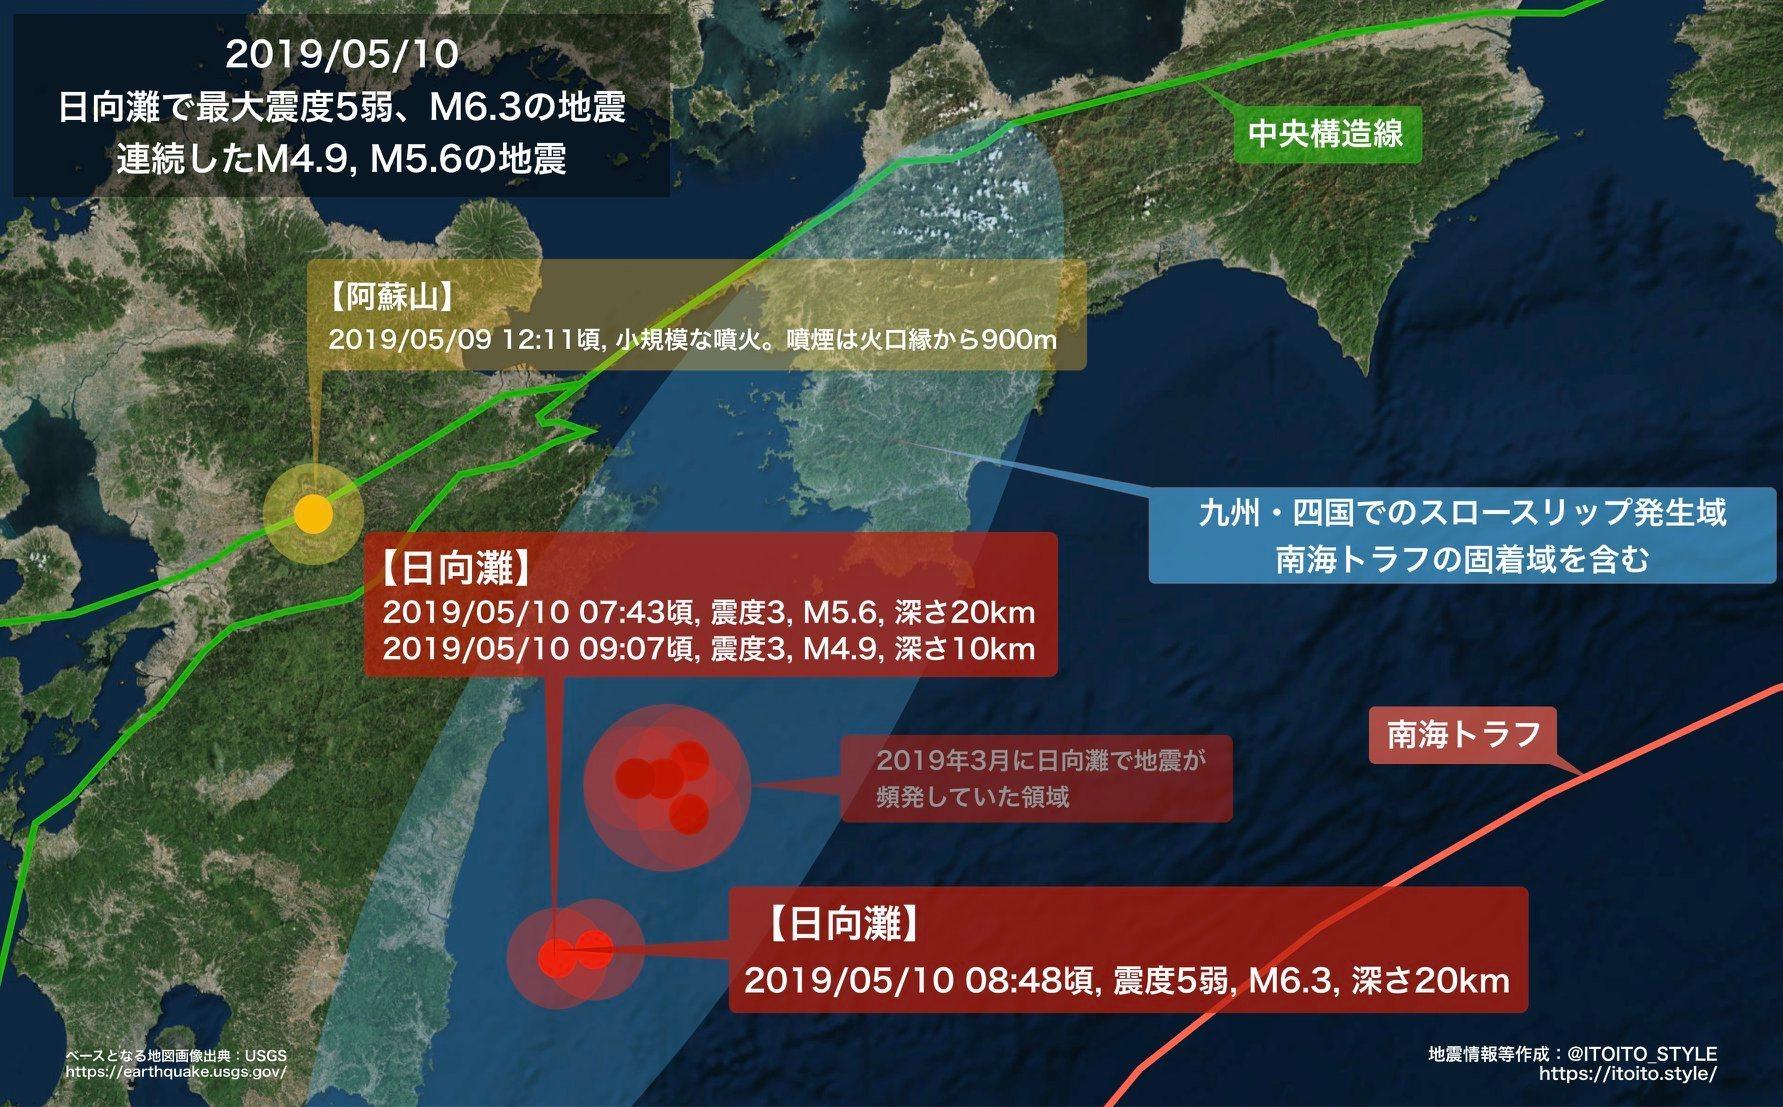 「南海トラフ地震の前兆ではない」と言う気象庁は官邸への忖度では_d0174710_14034206.jpg